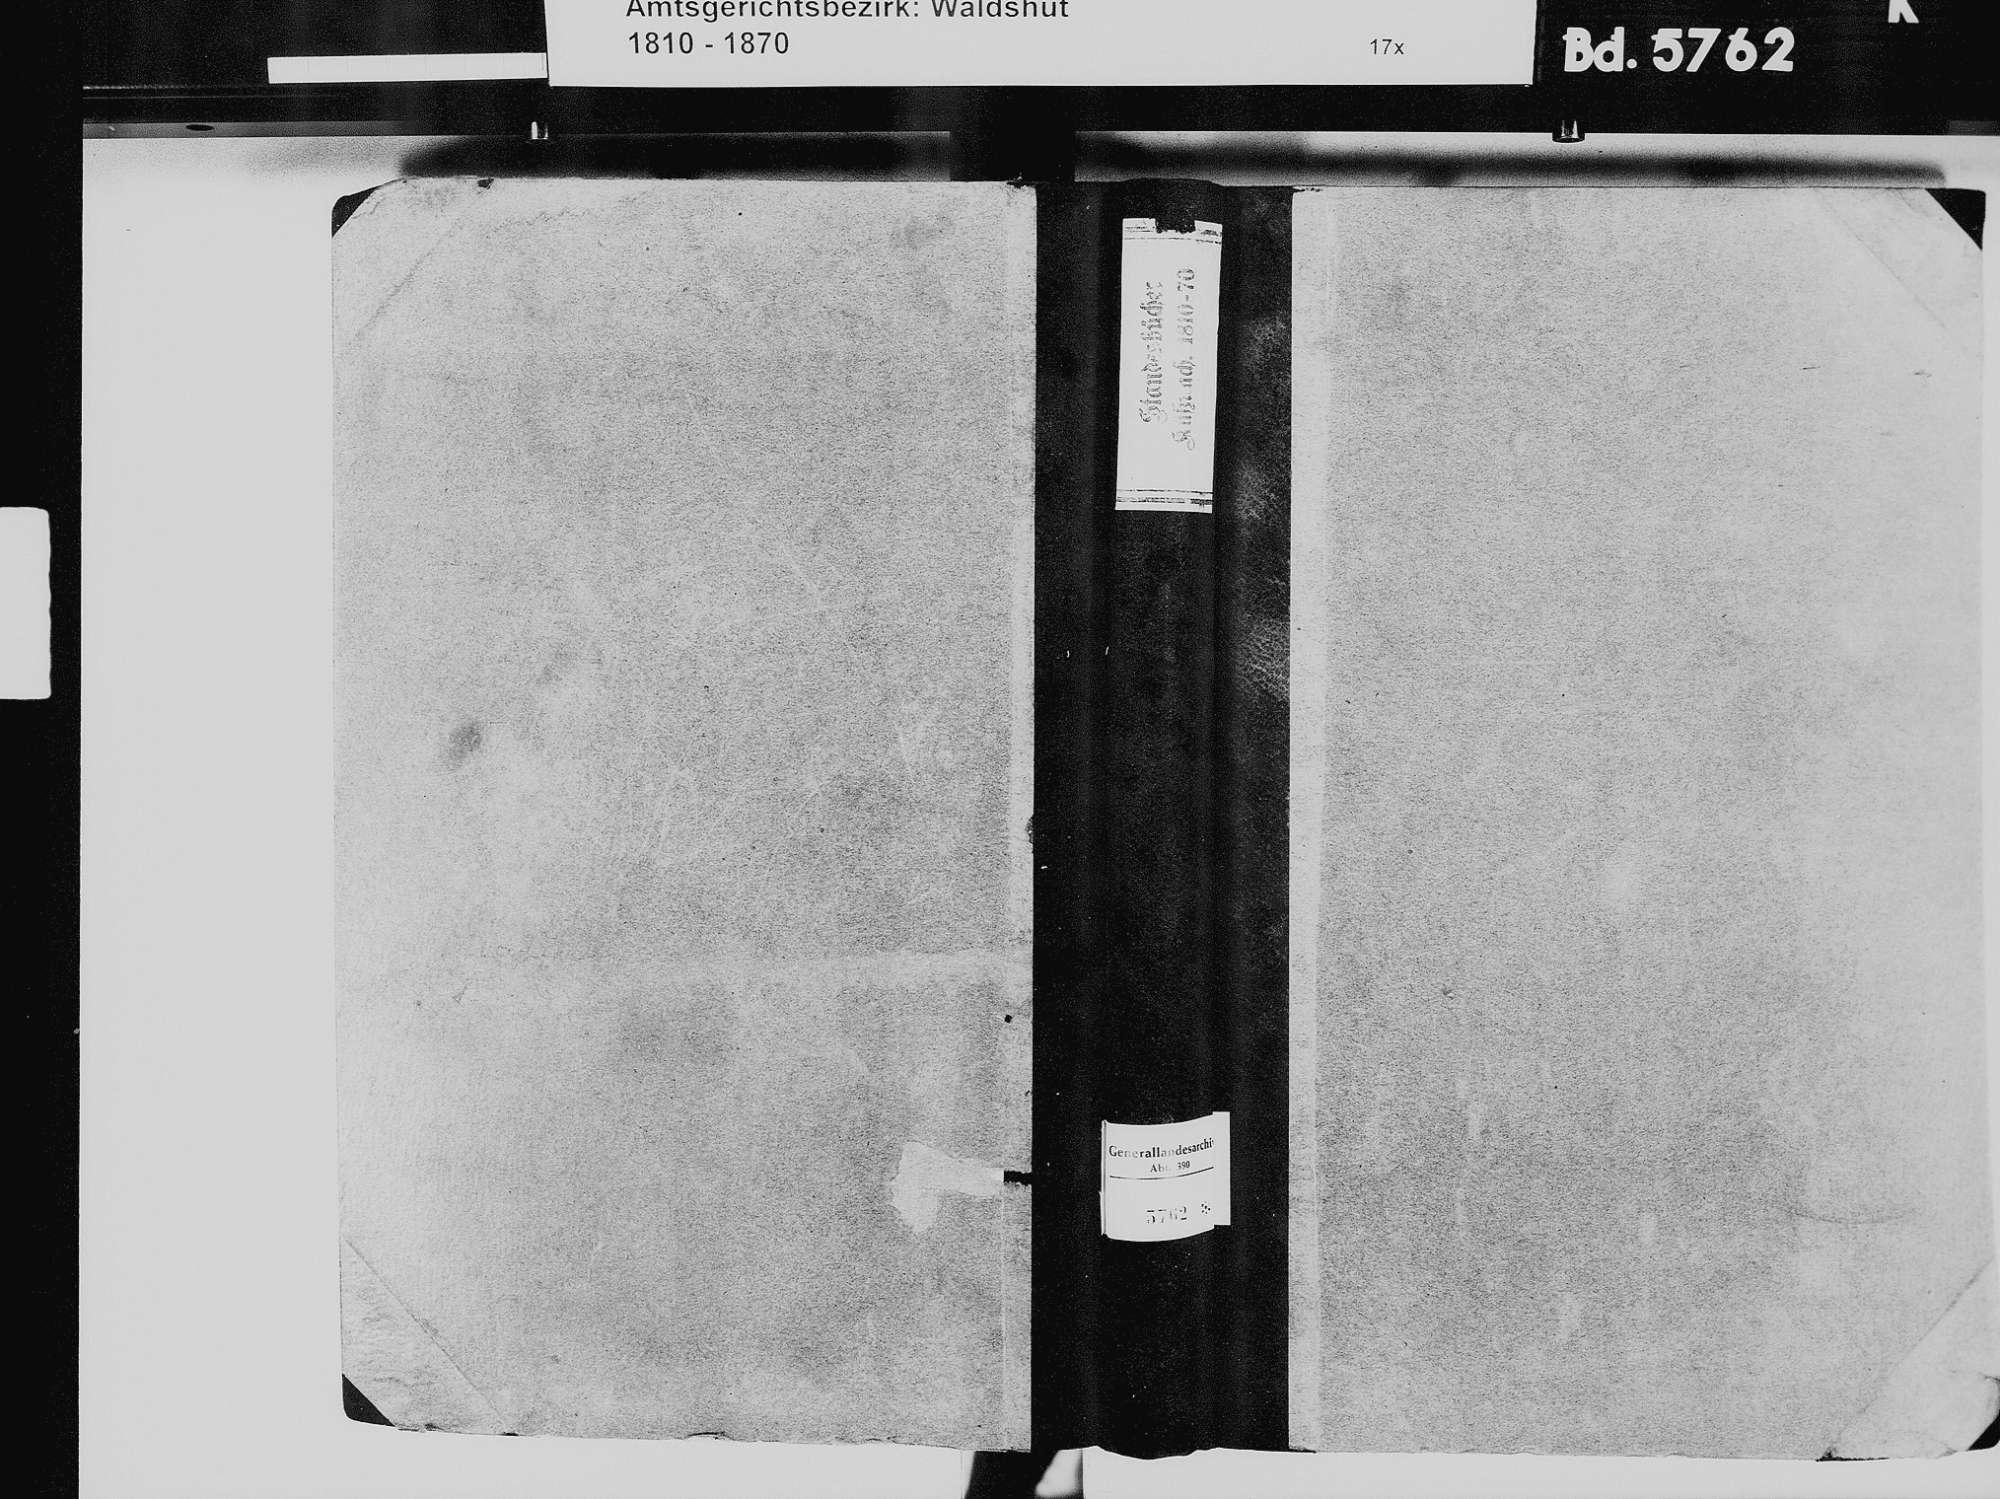 Küßnach, Küssaberg WT; Katholische Gemeinde: Geburtenbuch 1810-1869 Küßnach, Küssaberg WT; Katholische Gemeinde: Heiratsbuch 1829-1834 Küßnach, Küssaberg WT; Katholische Gemeinde: Sterbebuch 1834, 1838-1839, 1843, Bild 2